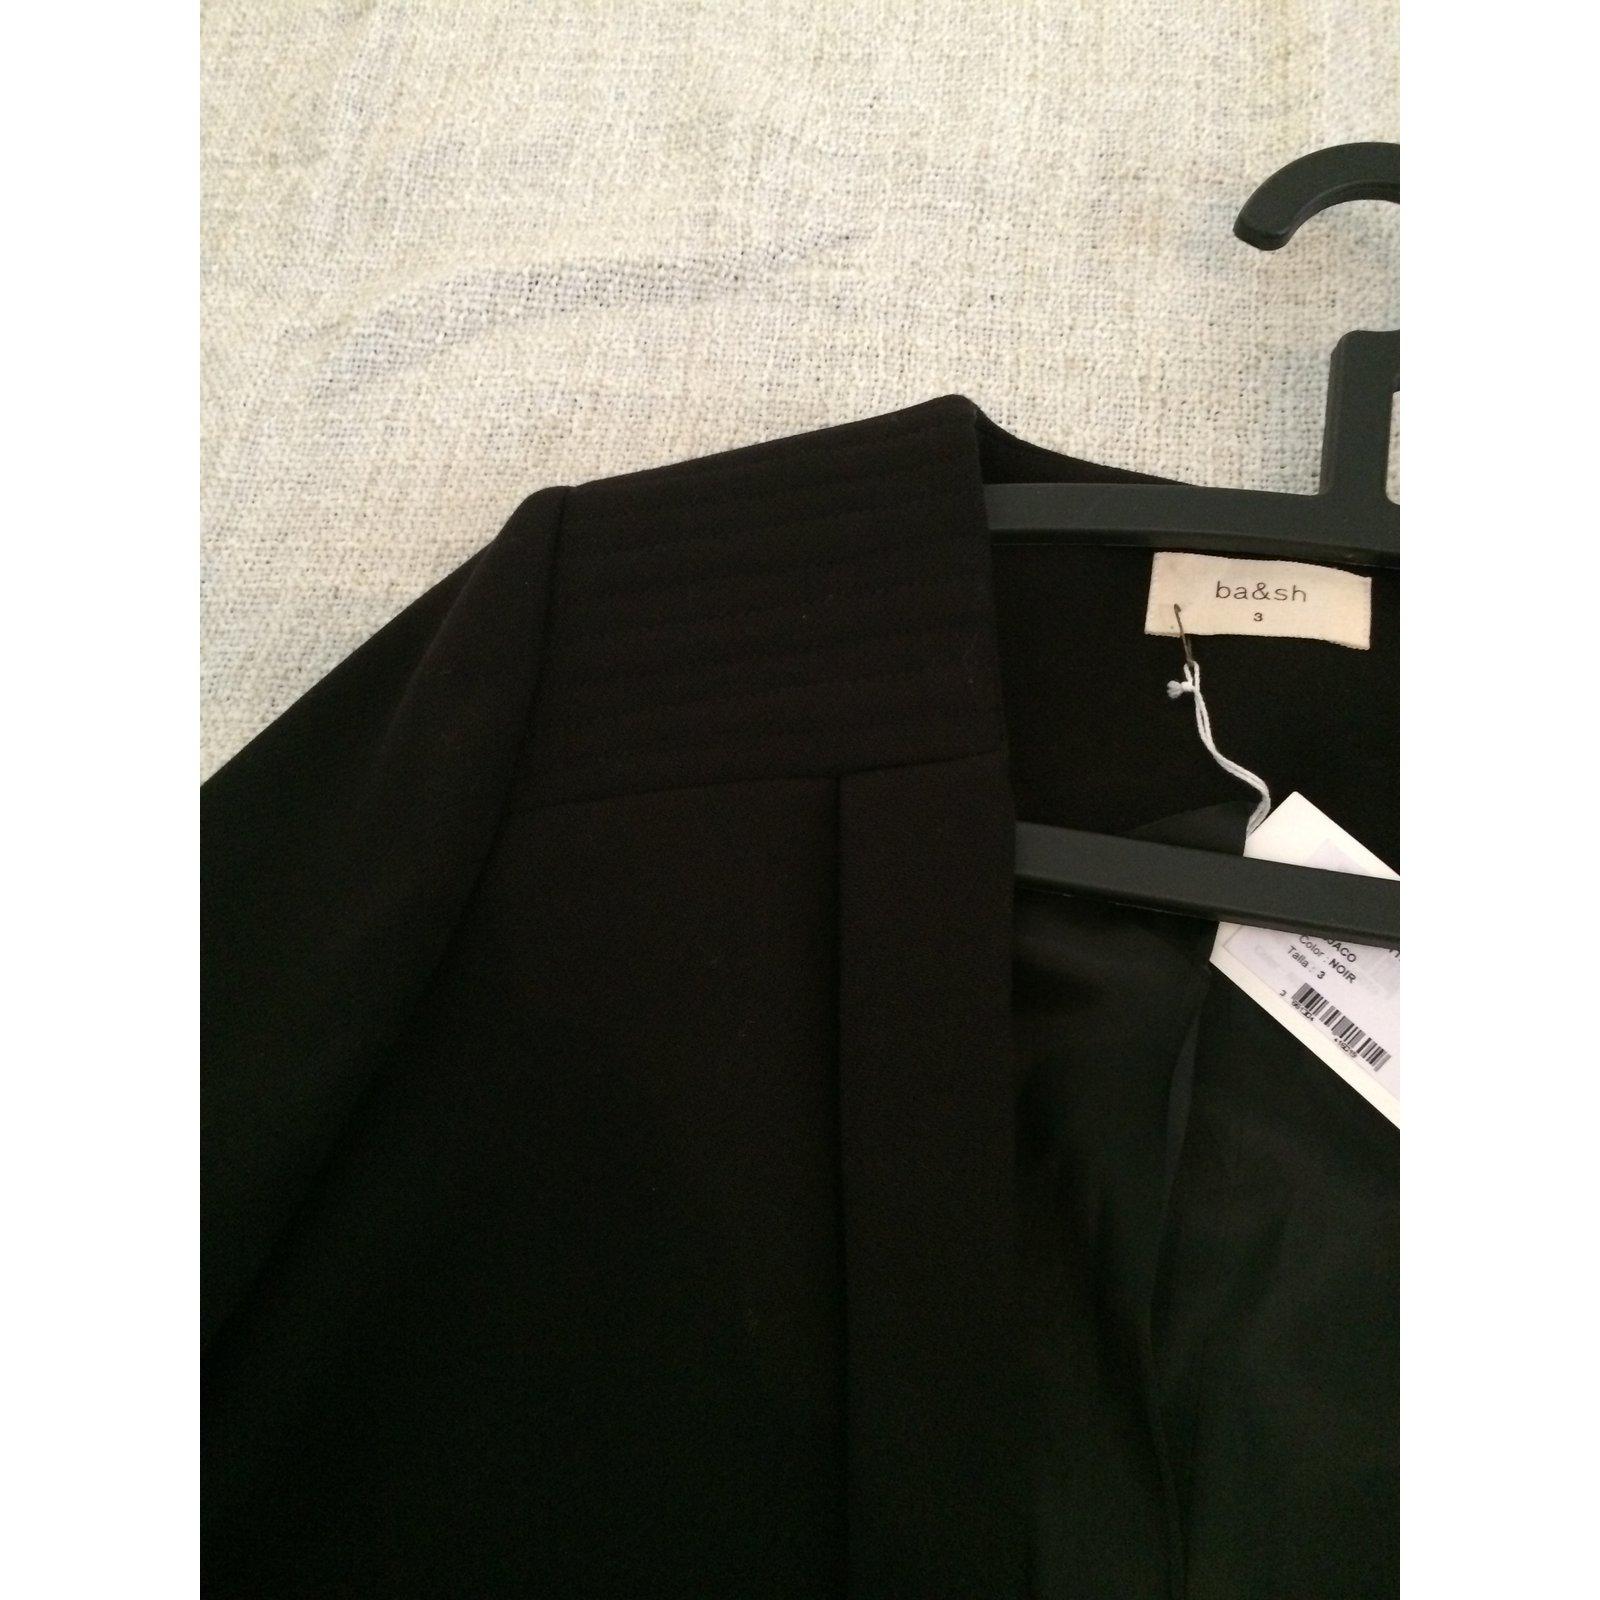 5339 Ref Noir Joli Vestes Bash Polyester Veste Jacotte Modèle aB0wFYUq